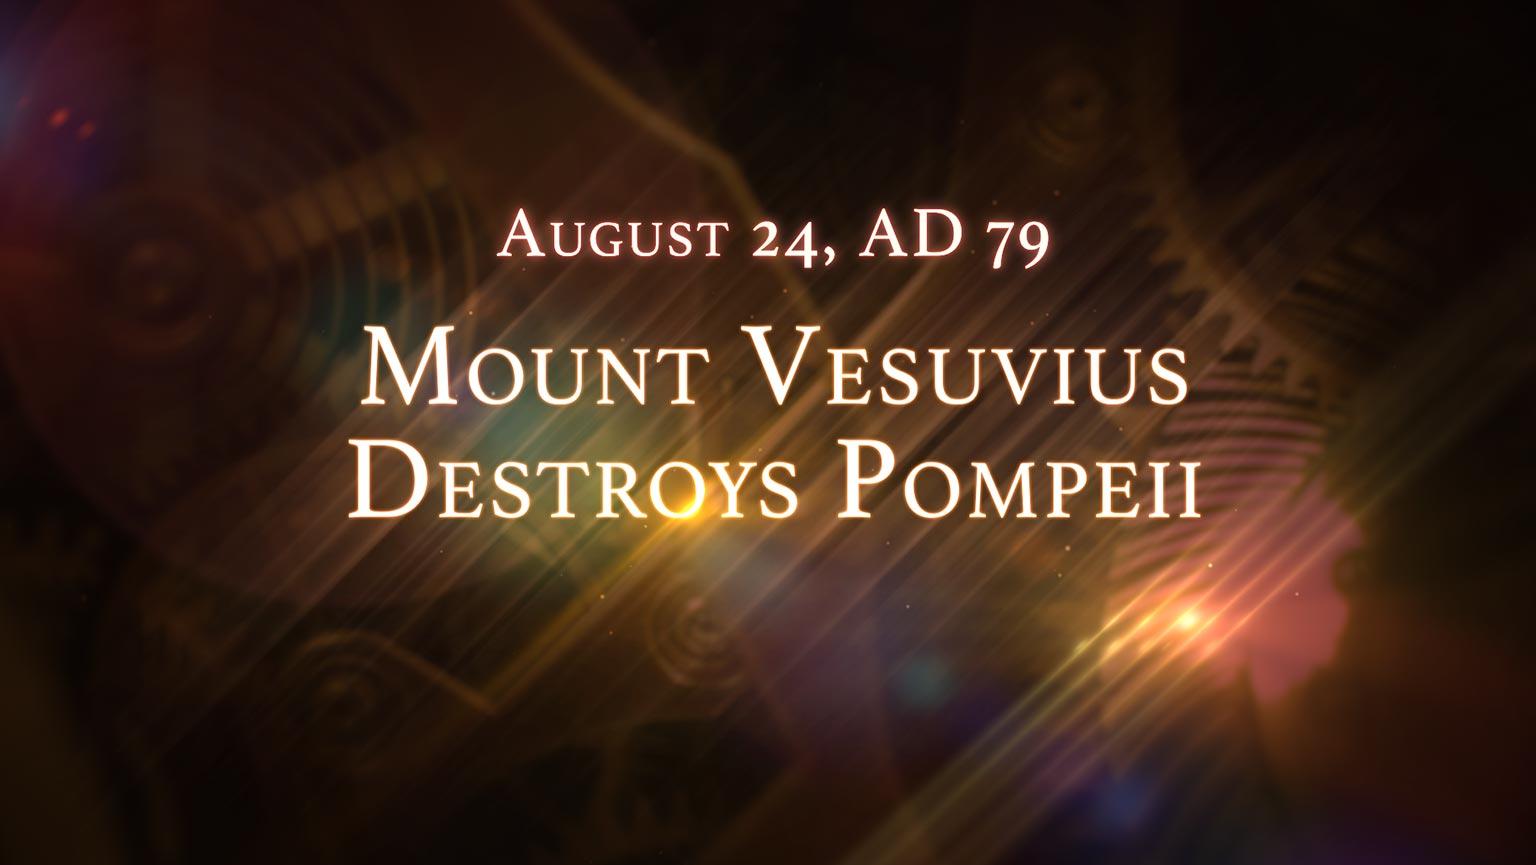 August 24, AD 79: Mount Vesuvius Destroys Pompeii